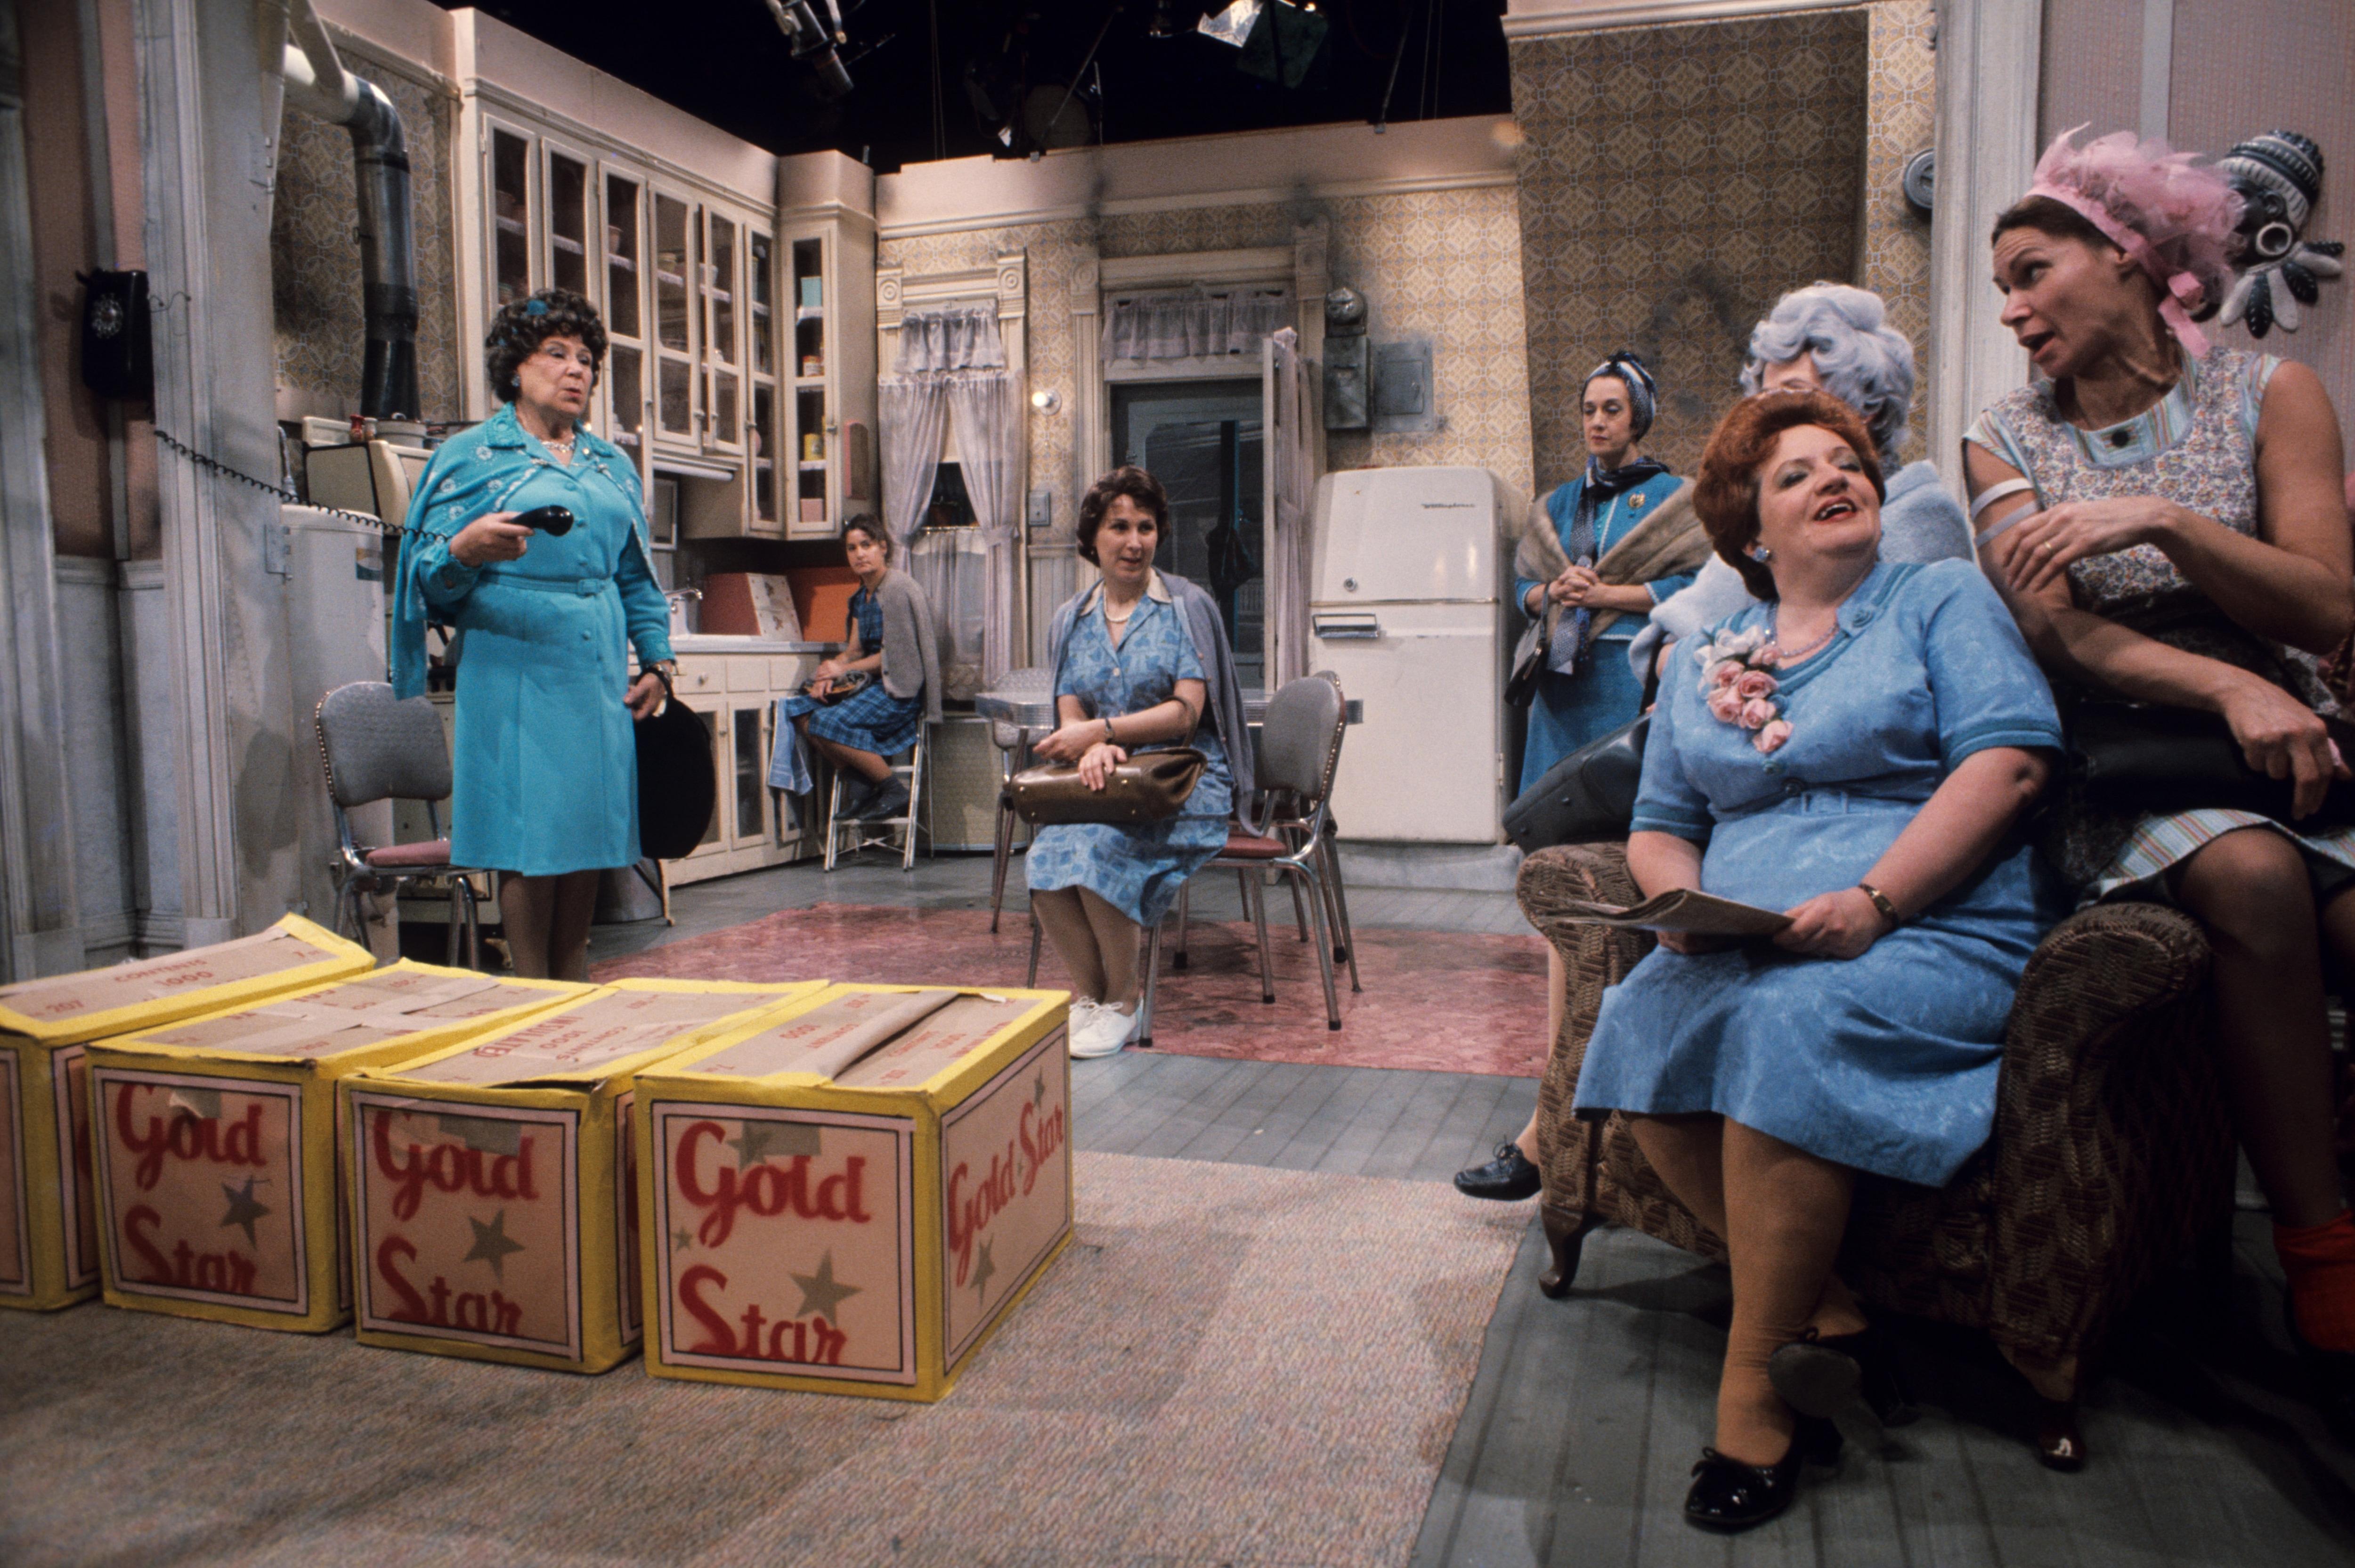 Dans une cuisine,  Yvette Longpré (Sylvie Heppel), avec le récepteur du téléphone à la main, Marie-Ange Brouillette (Amulette Garneau), Desneiges Verrette (Rita Lafontaine), Lisette de Courval, (Denise Morelle), Gabrielle Jodoin (Eve Gagnier), Germaine Lauzon (Denise Proulx) et Rose Ouimet (Monique Mercure).